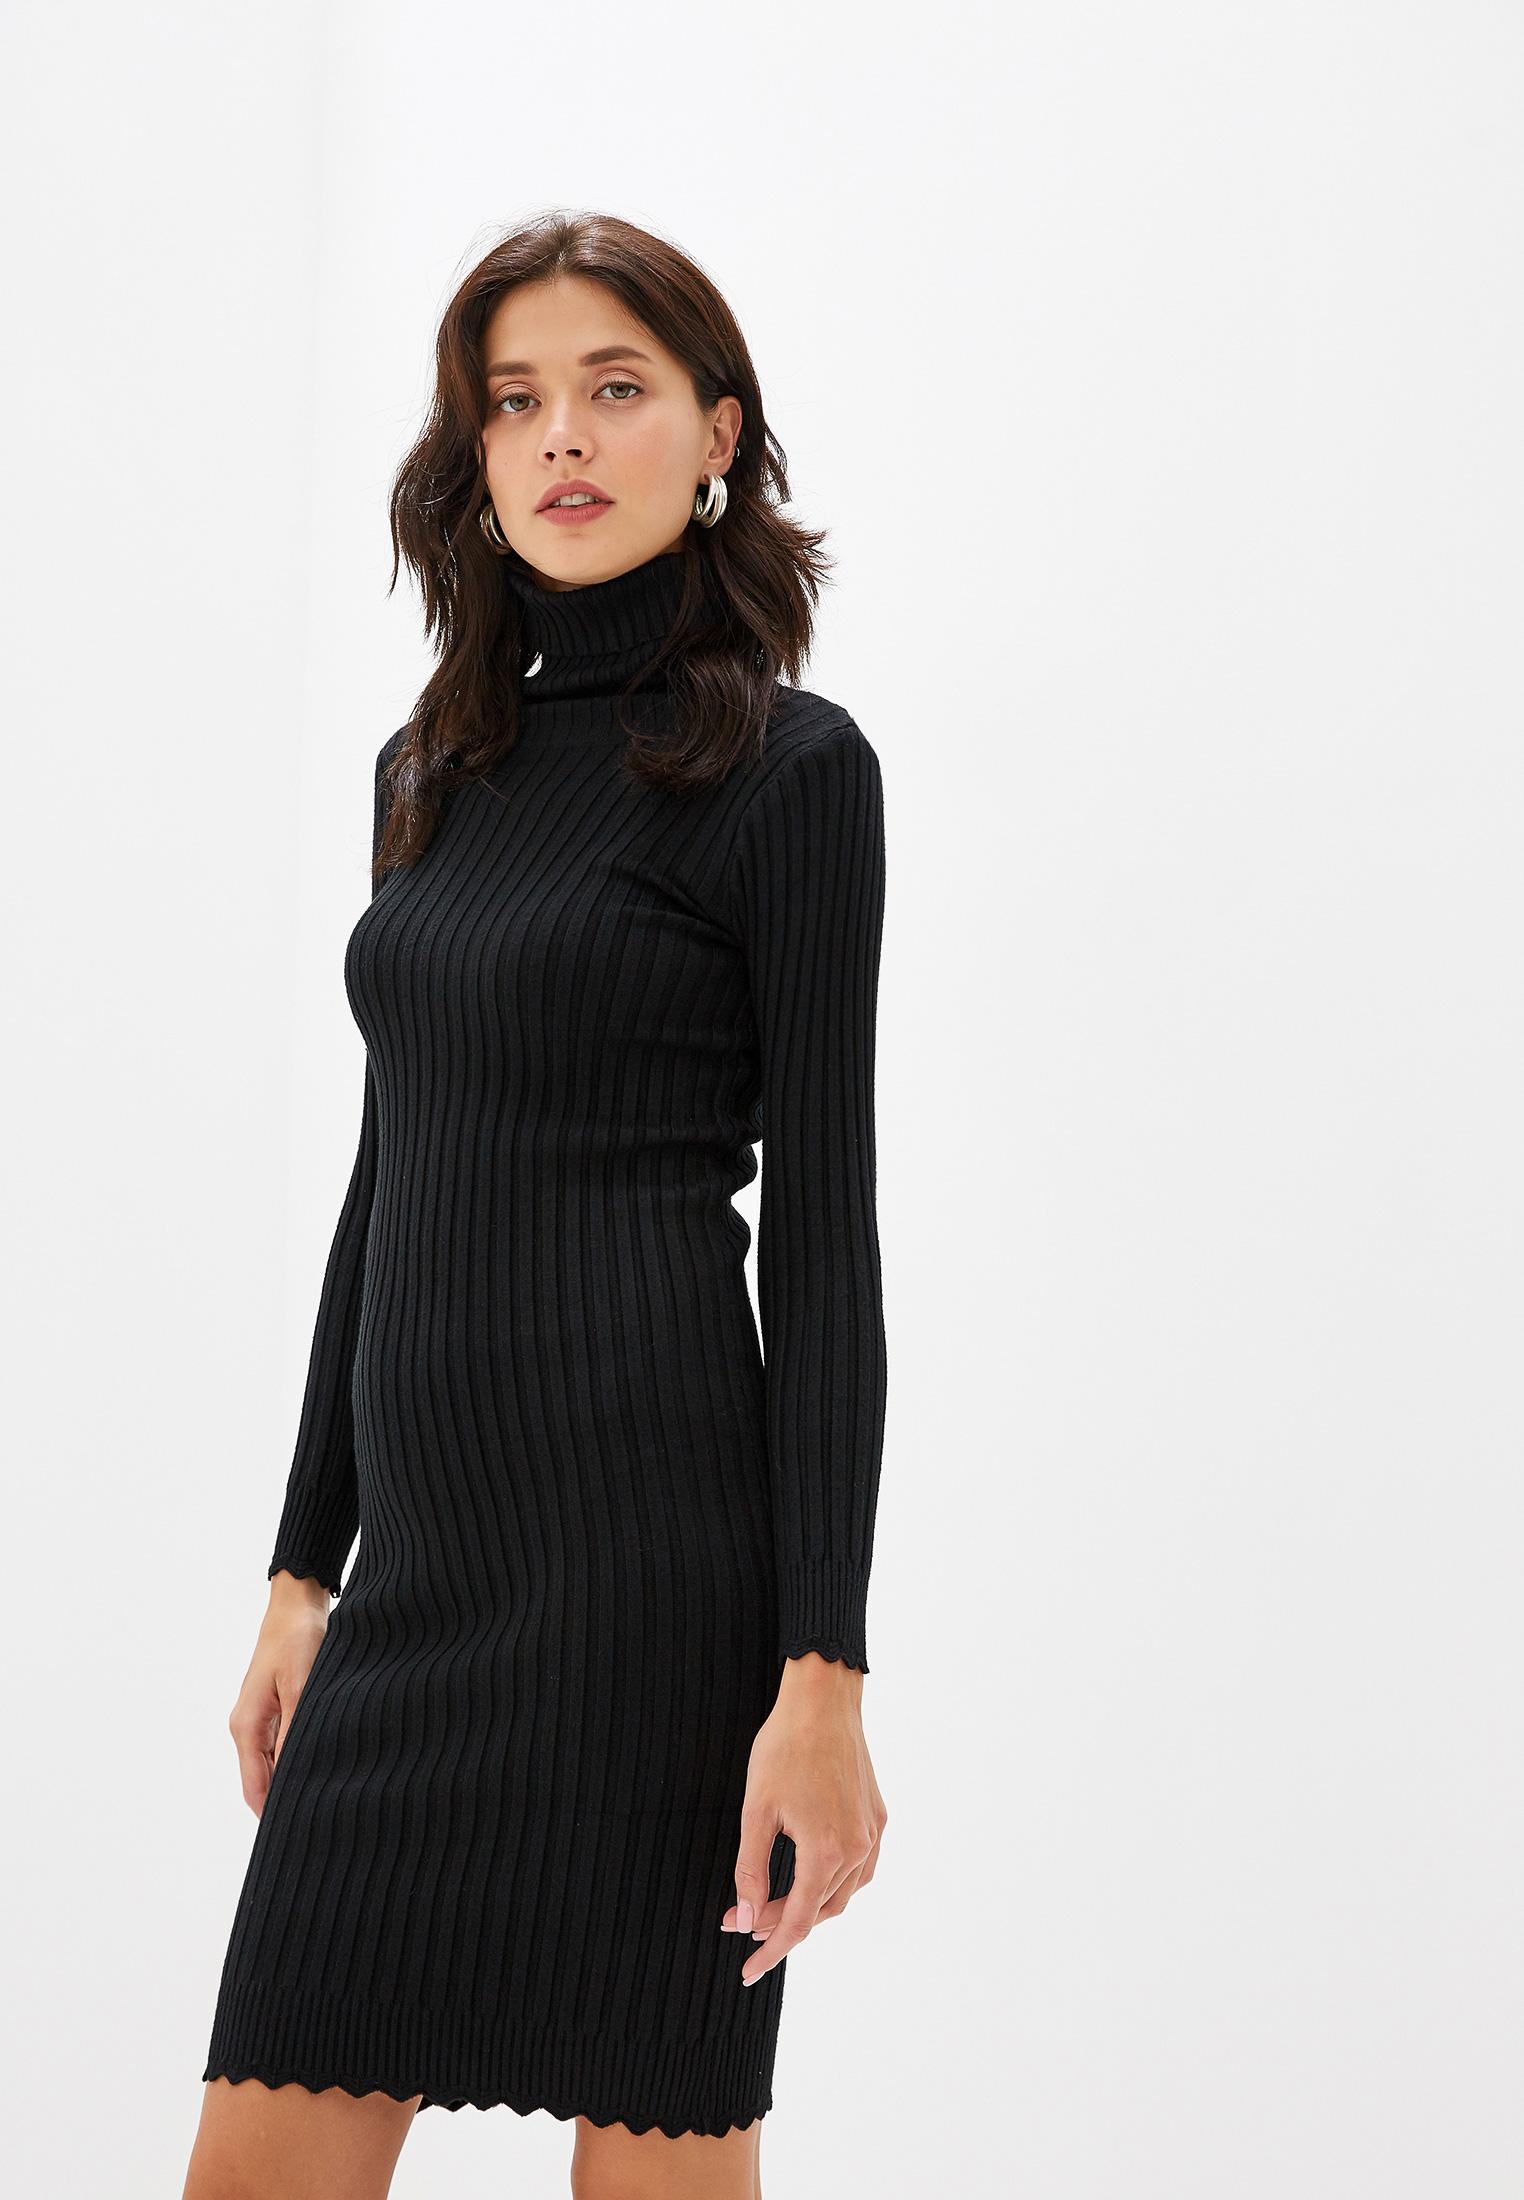 Вязаное платье Izabella IZ5450-6